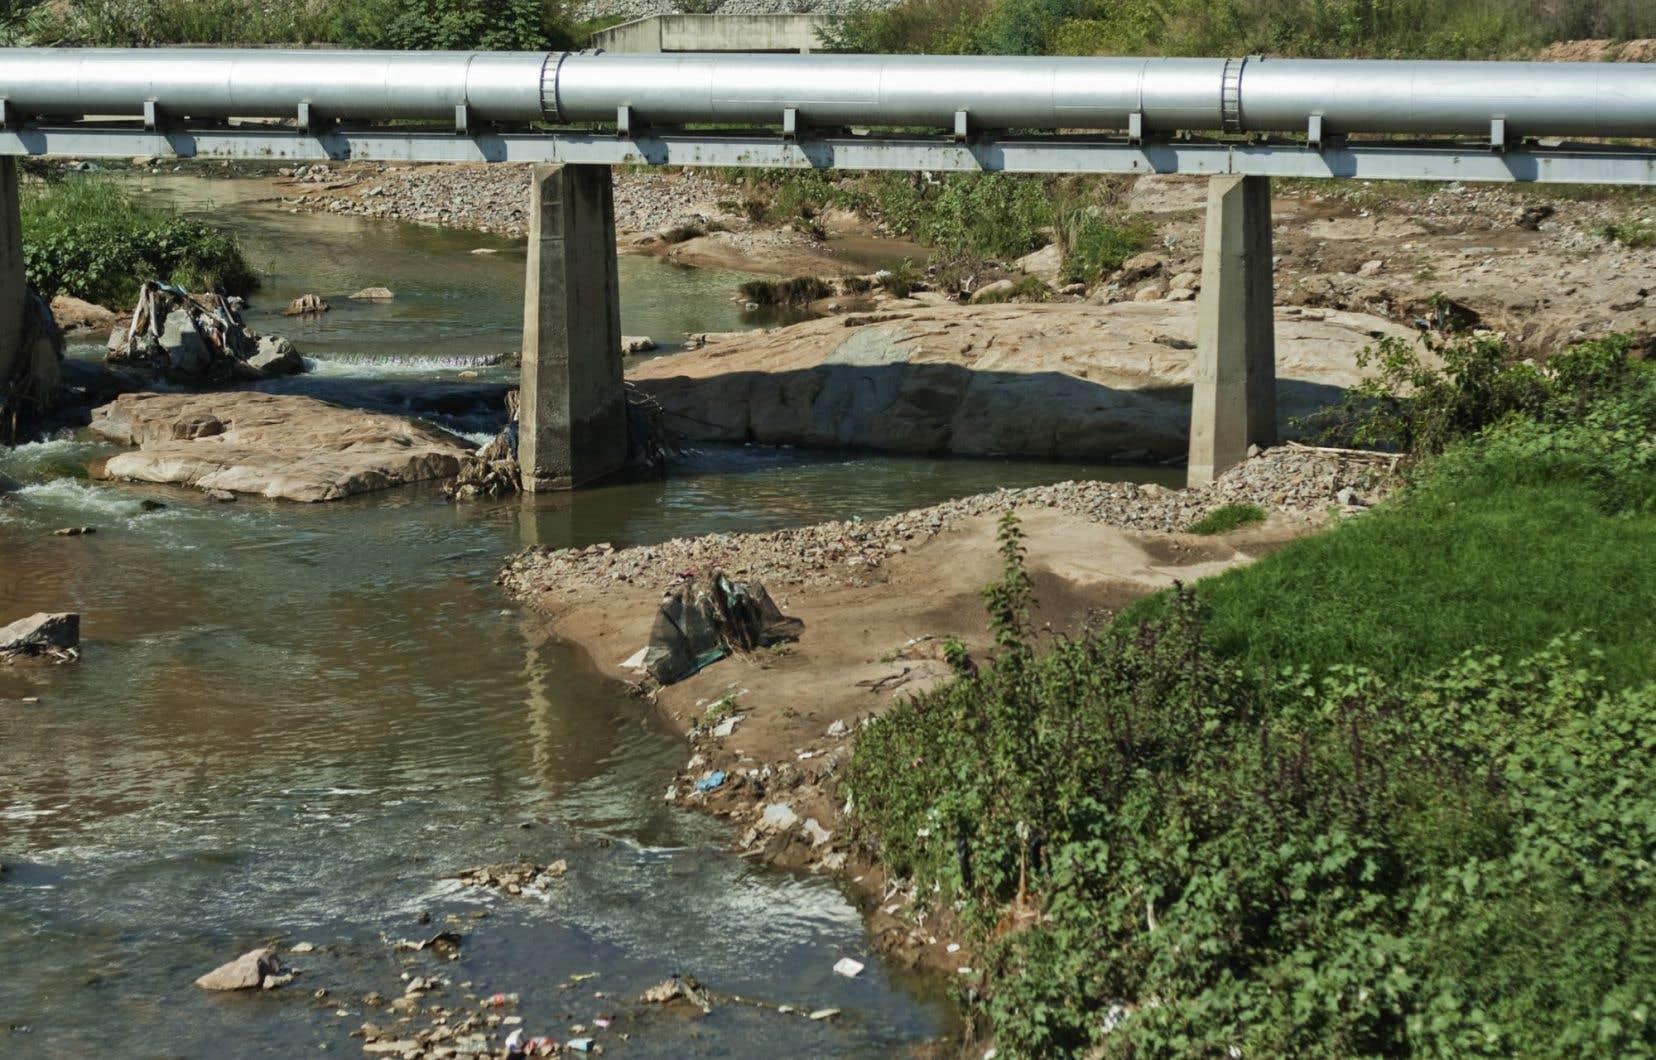 TransCanada espère commencer la construction d'Énergie Est dès 2018, après avoir reçu le feu vert du gouvernement fédéral. Ça serait le pipeline le plus important d'Amérique du Nord.